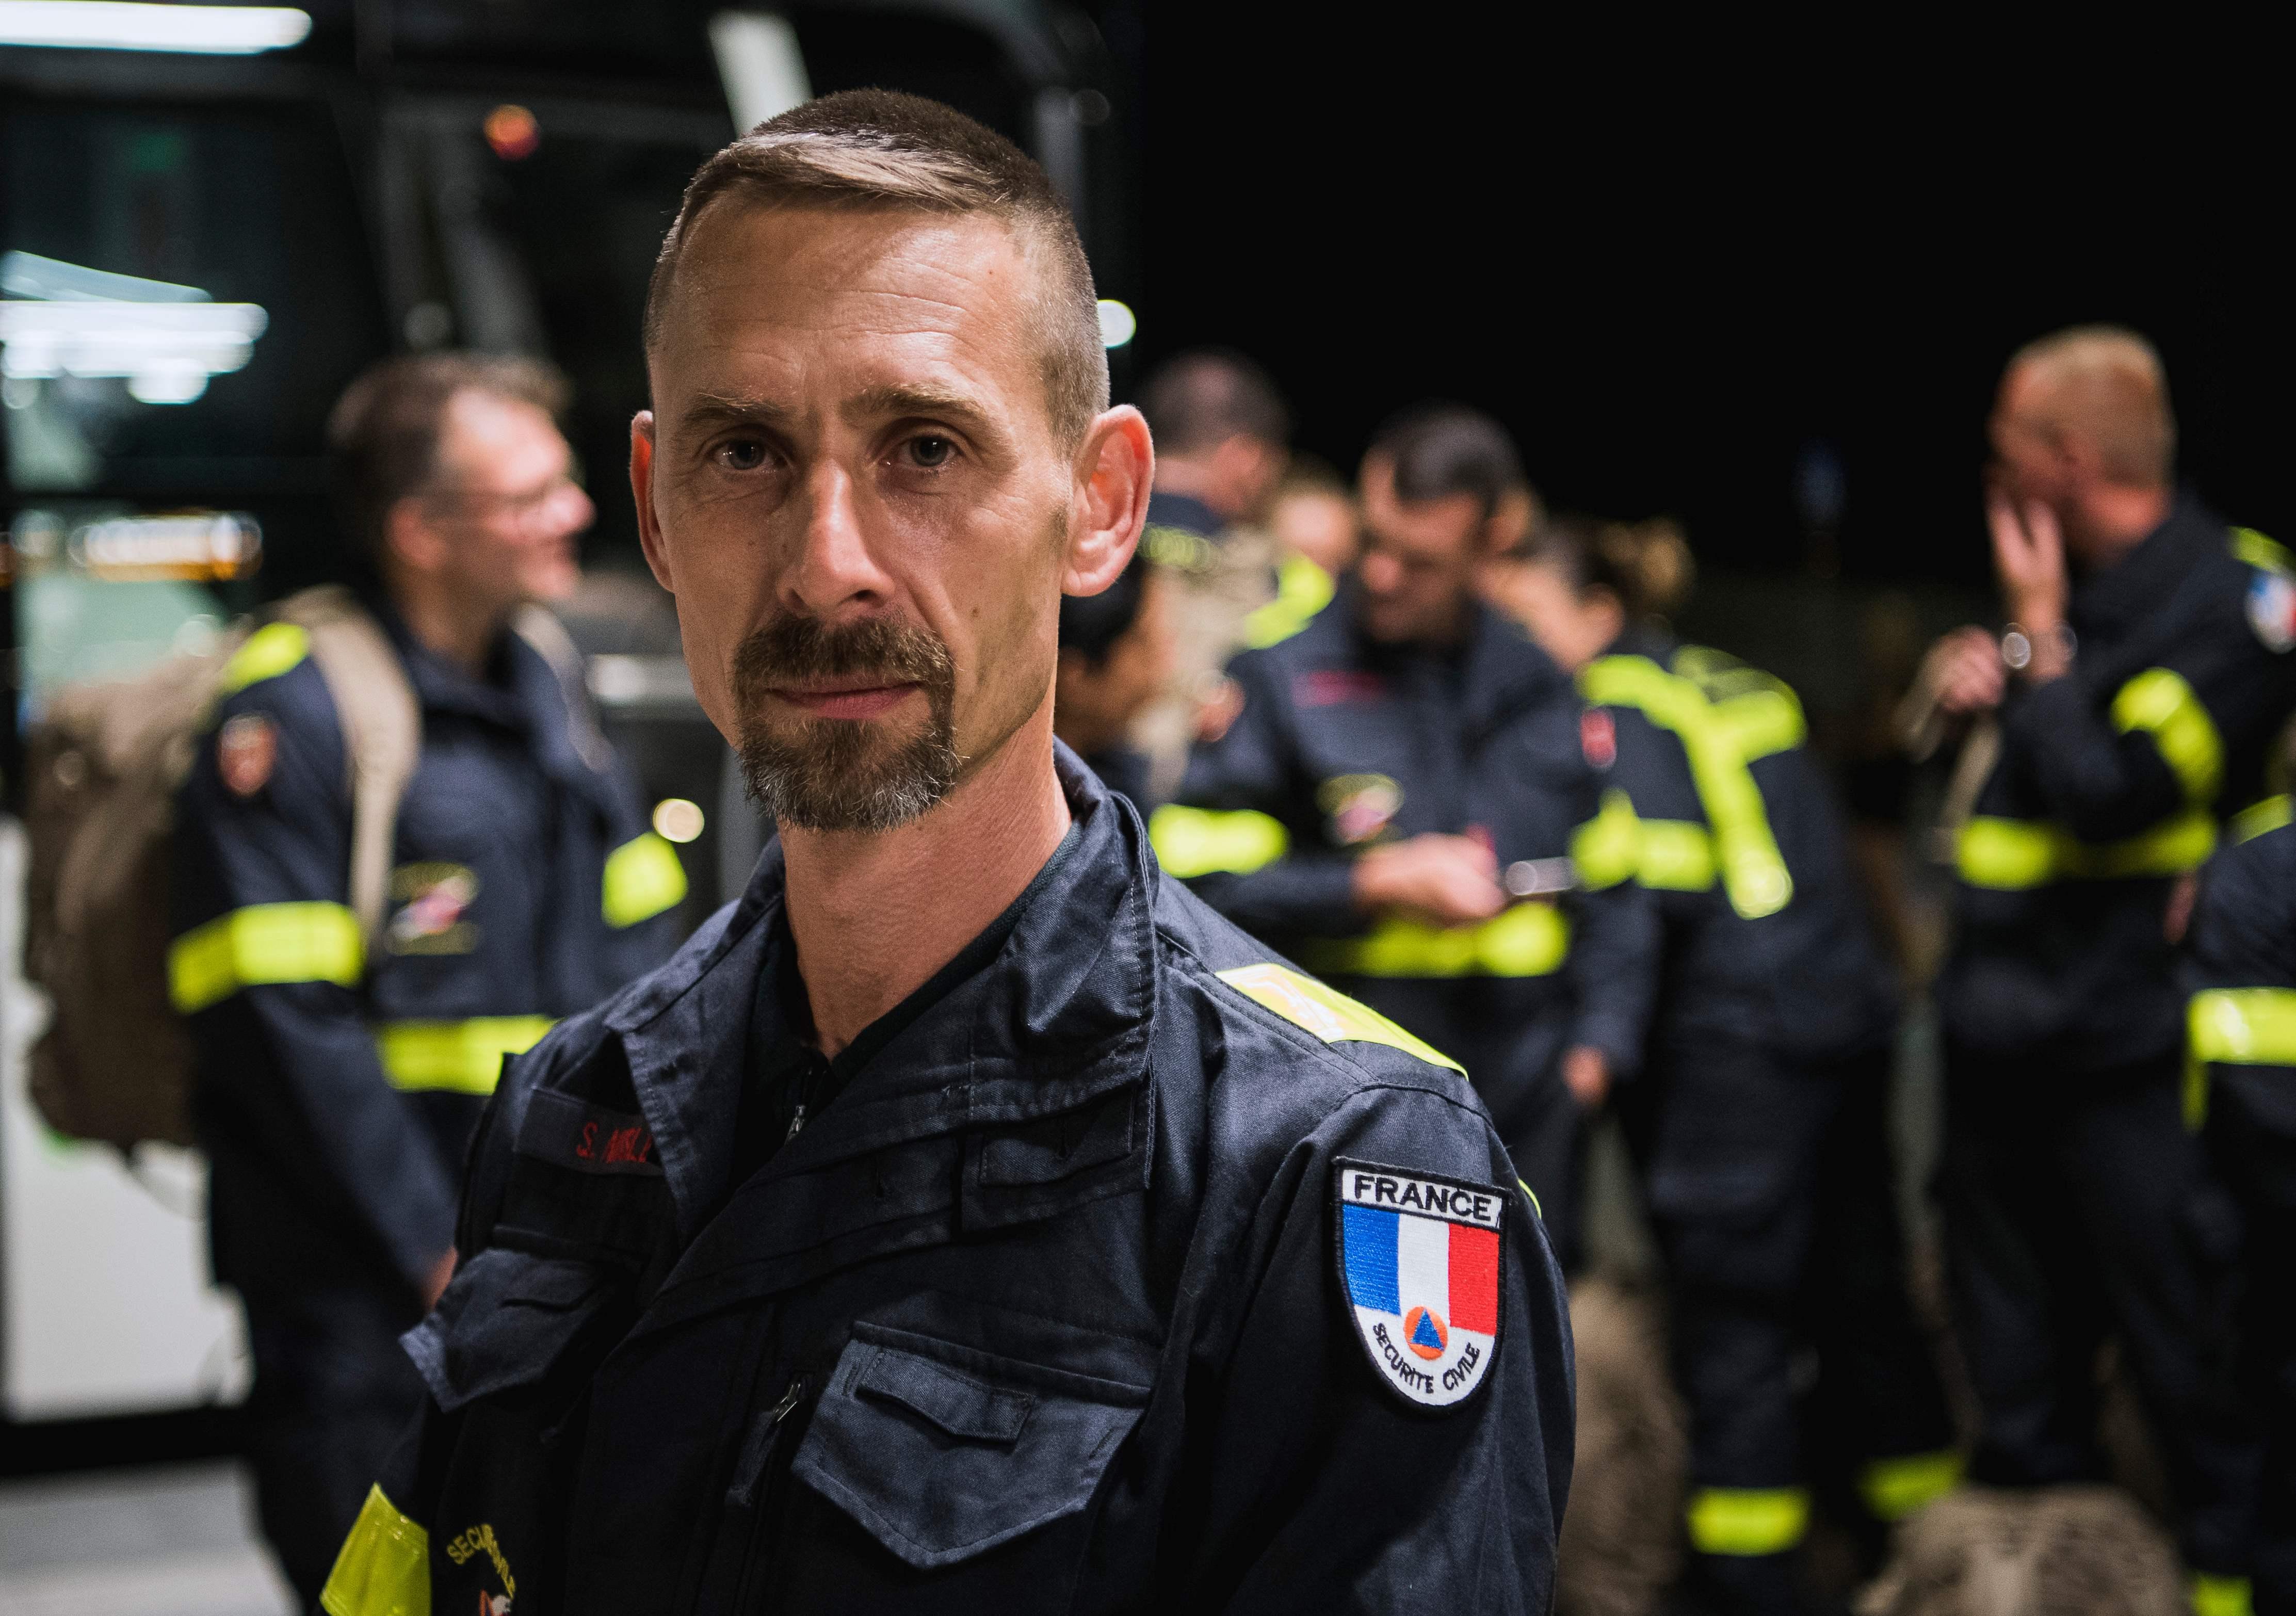 الحماية المدنية الفرنسية